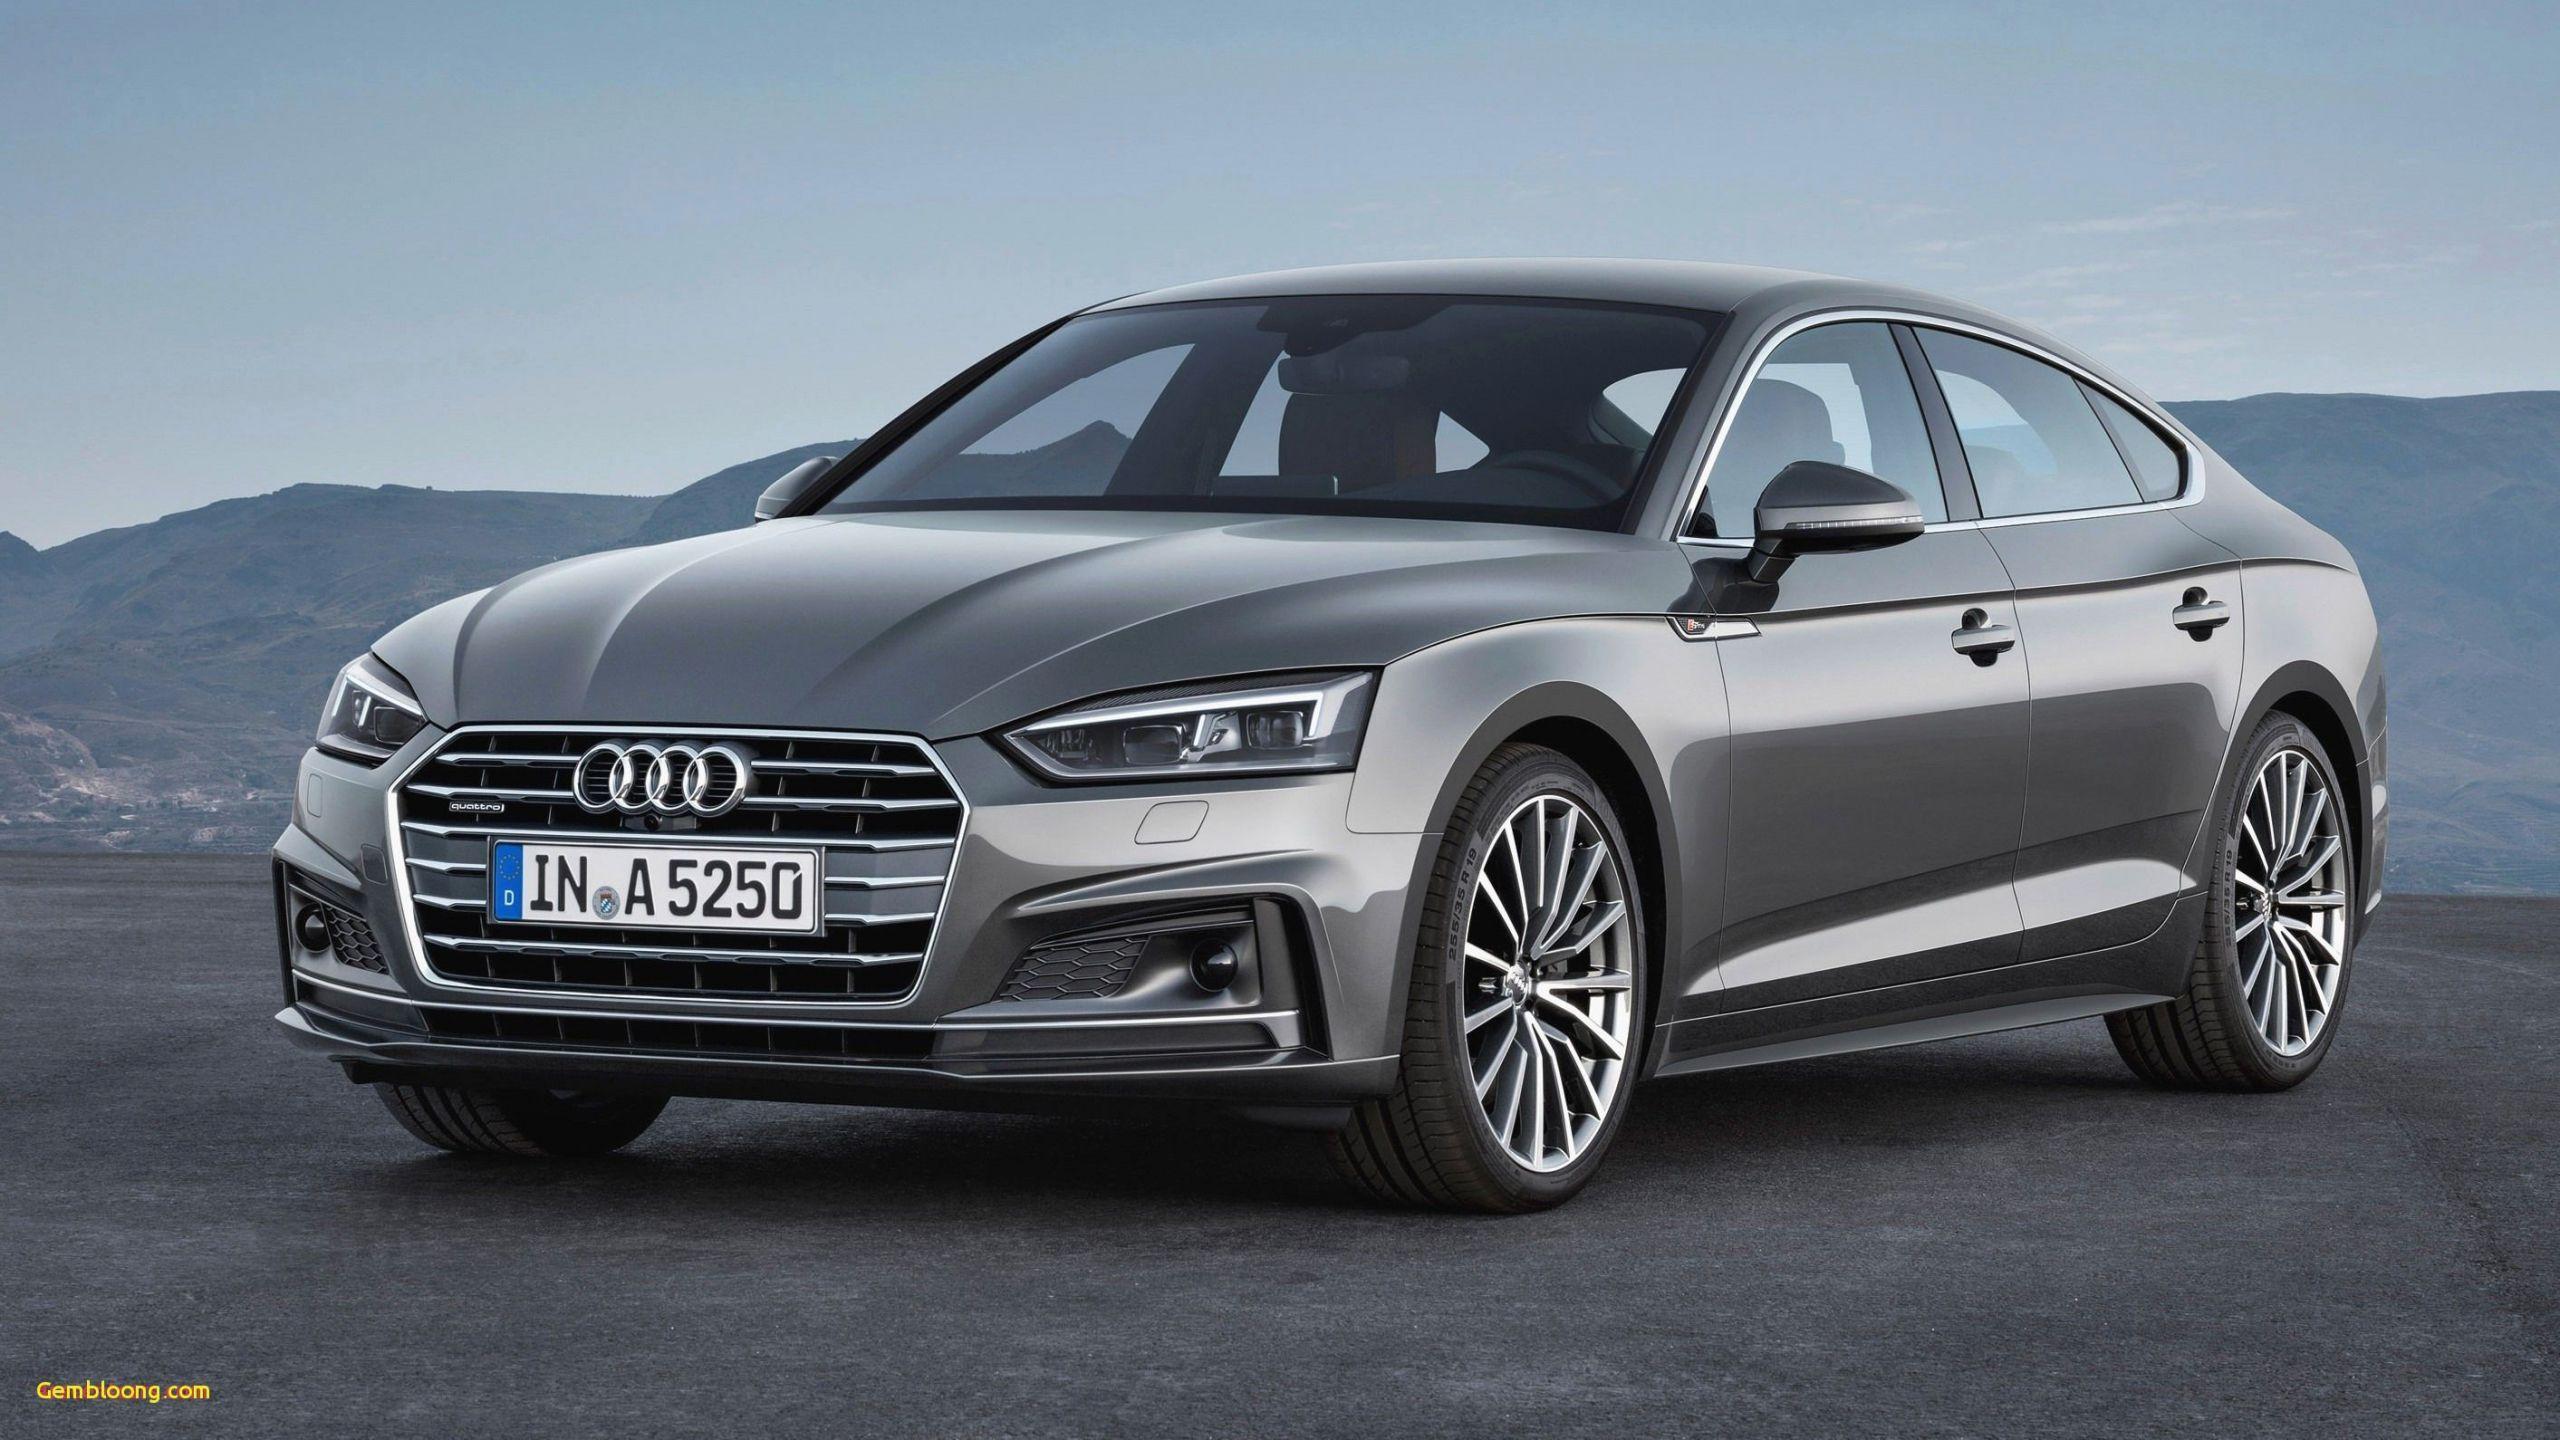 Audi Truck 2020 Price Di 2020 Audi A3 Sedan Audi